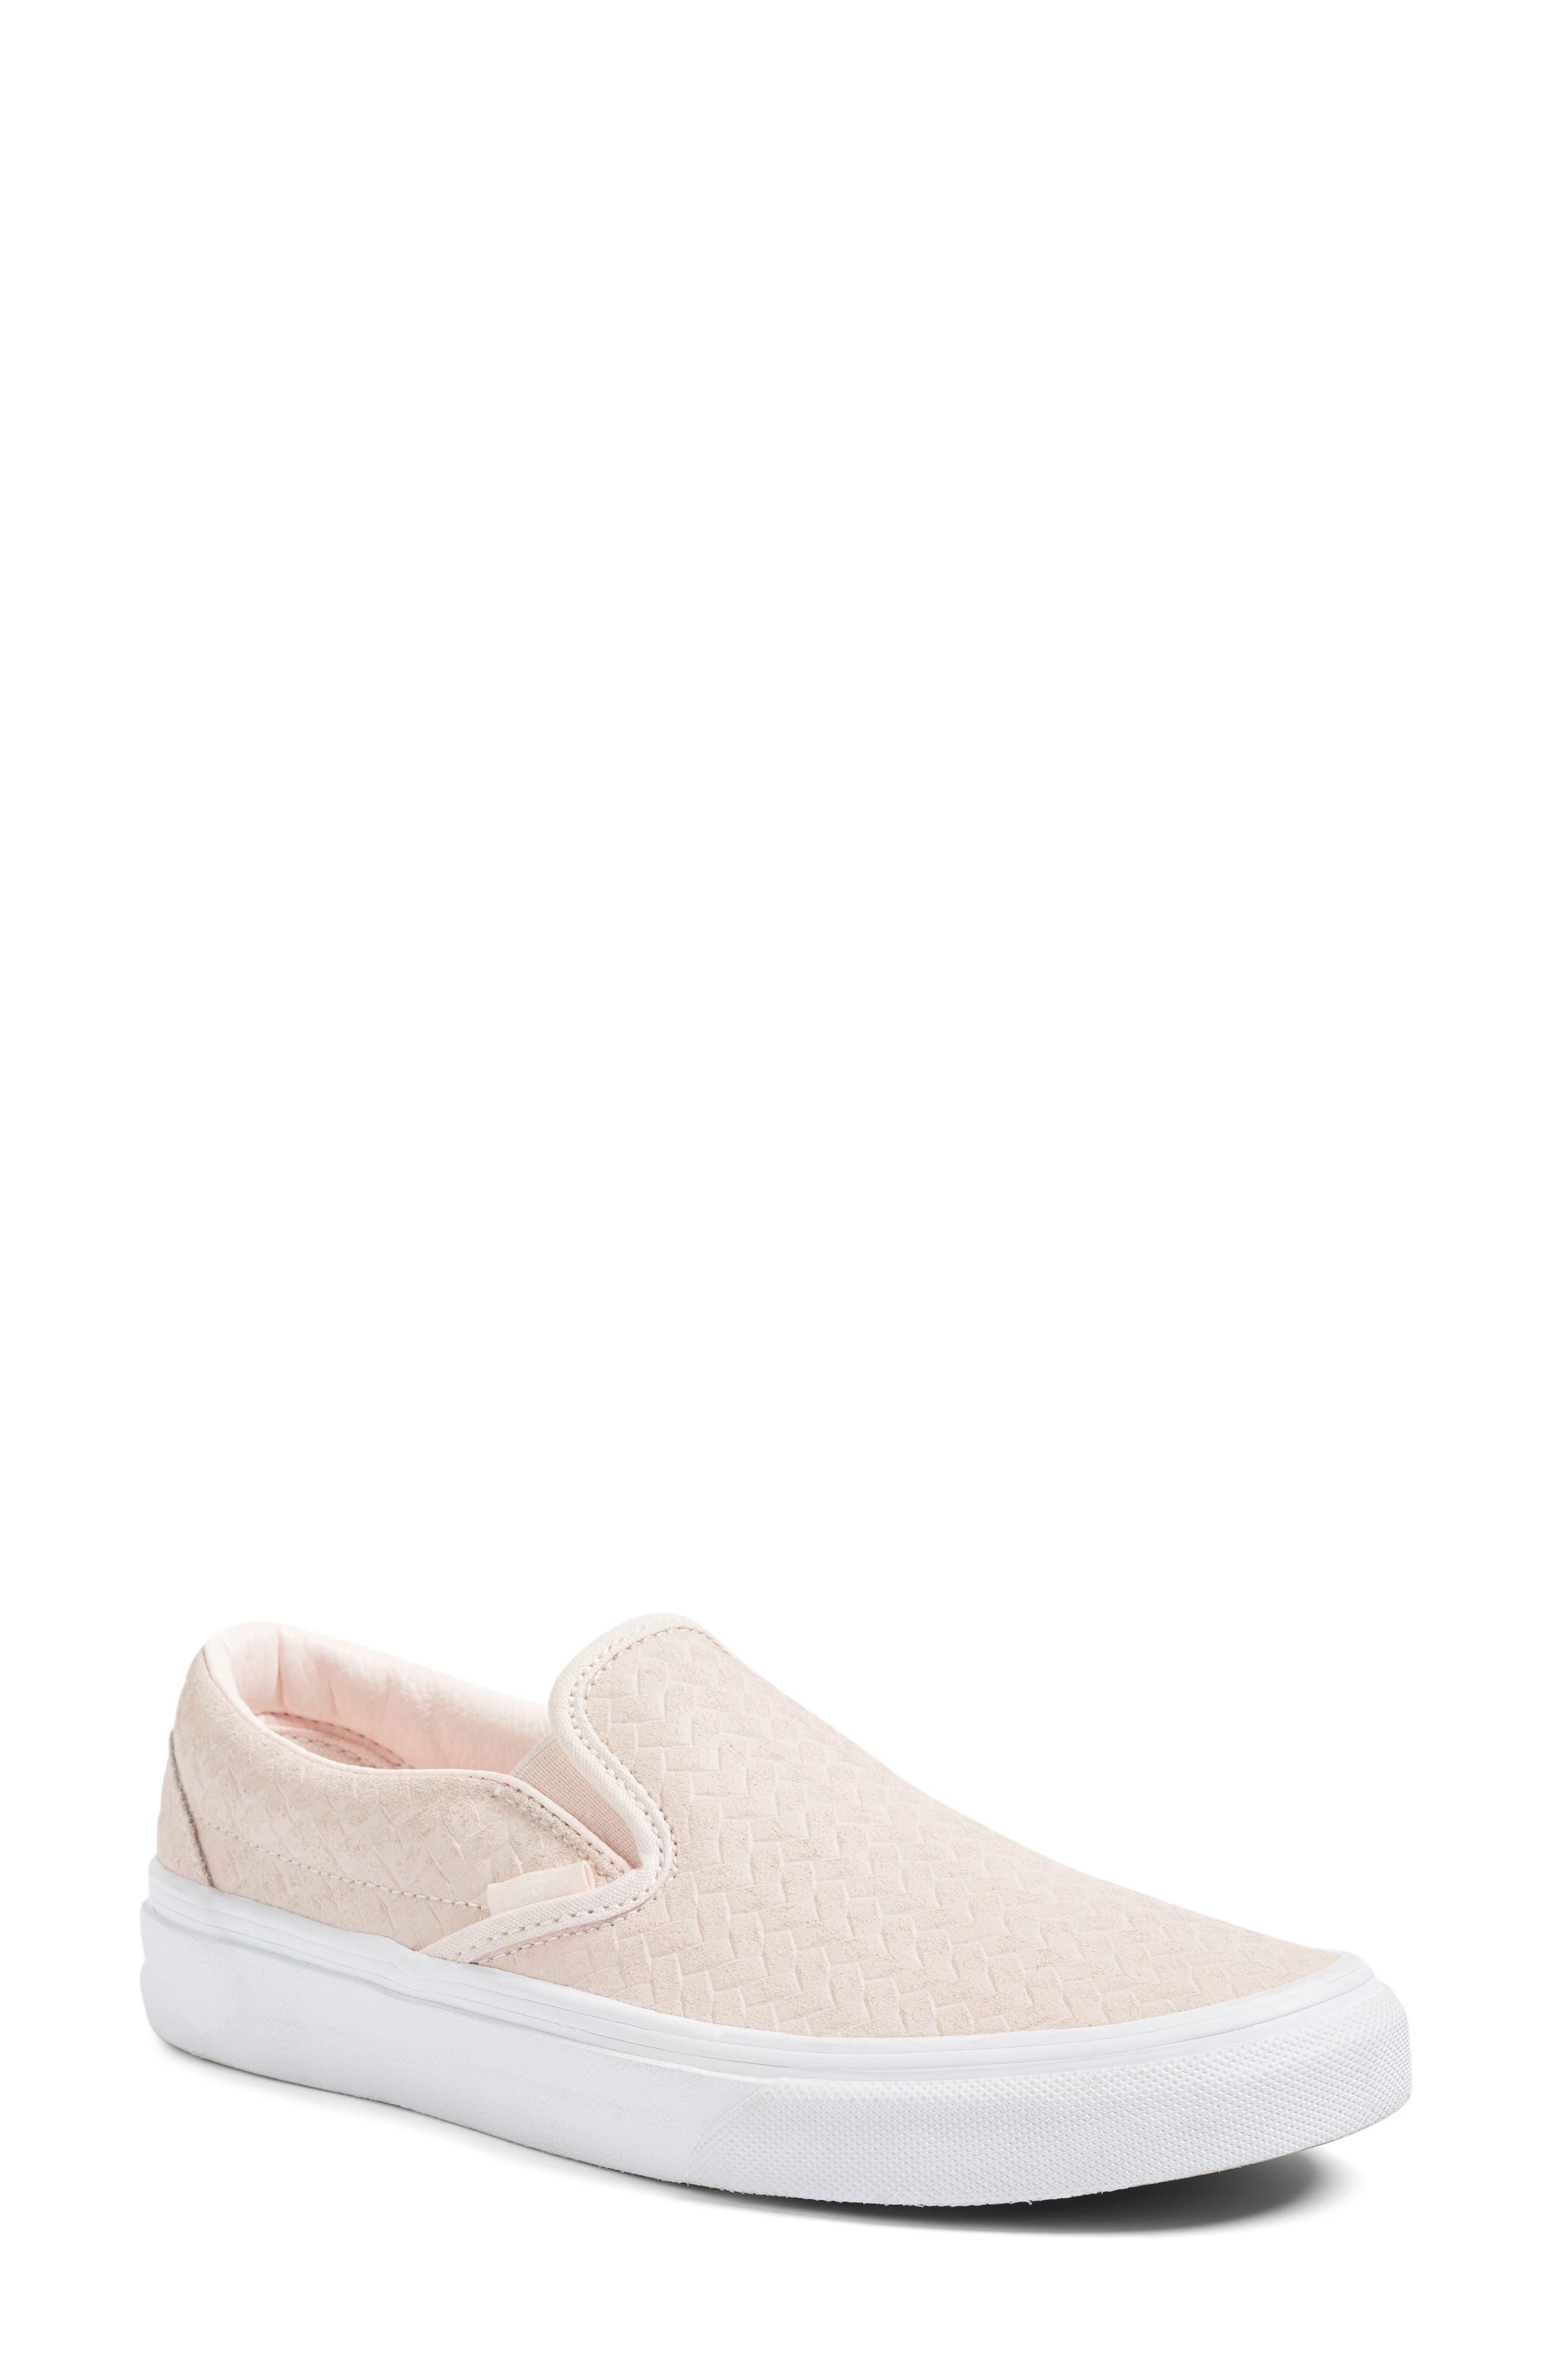 Alternate Image 1 Selected - Vans Classic Slip-On Sneaker (Women)